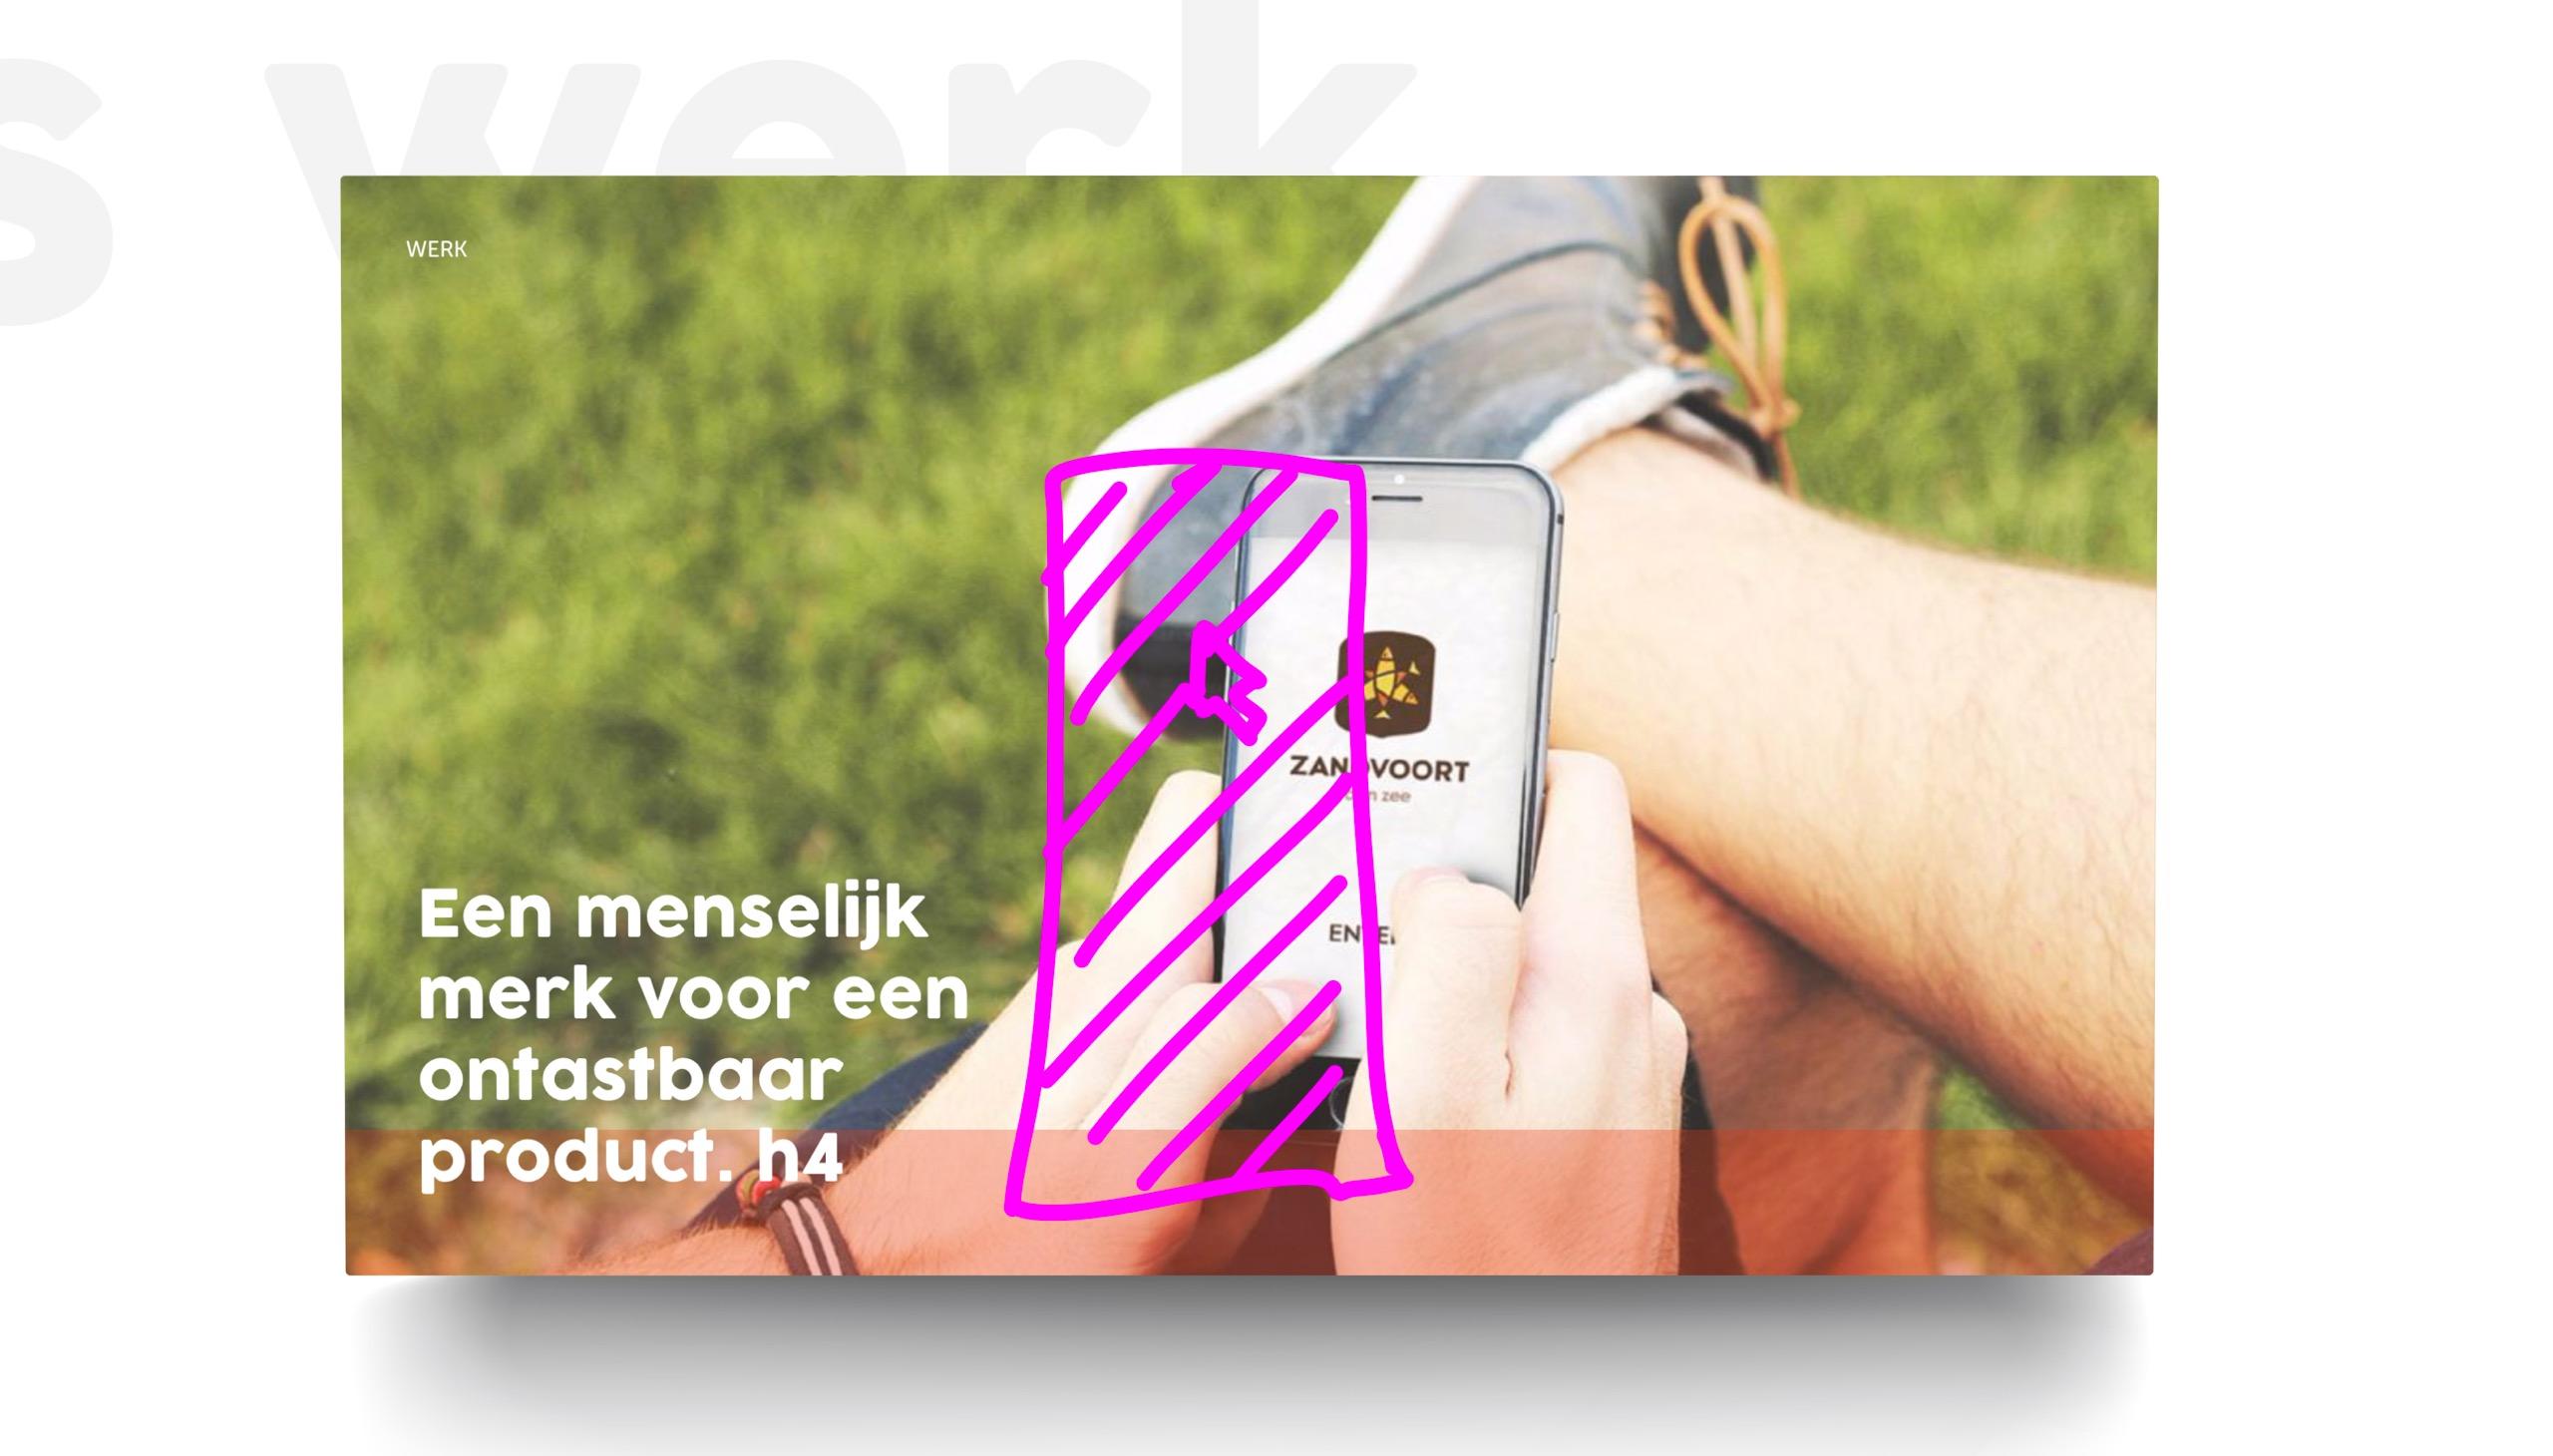 schermafbeelding 2017-02-20 om 14 21 58